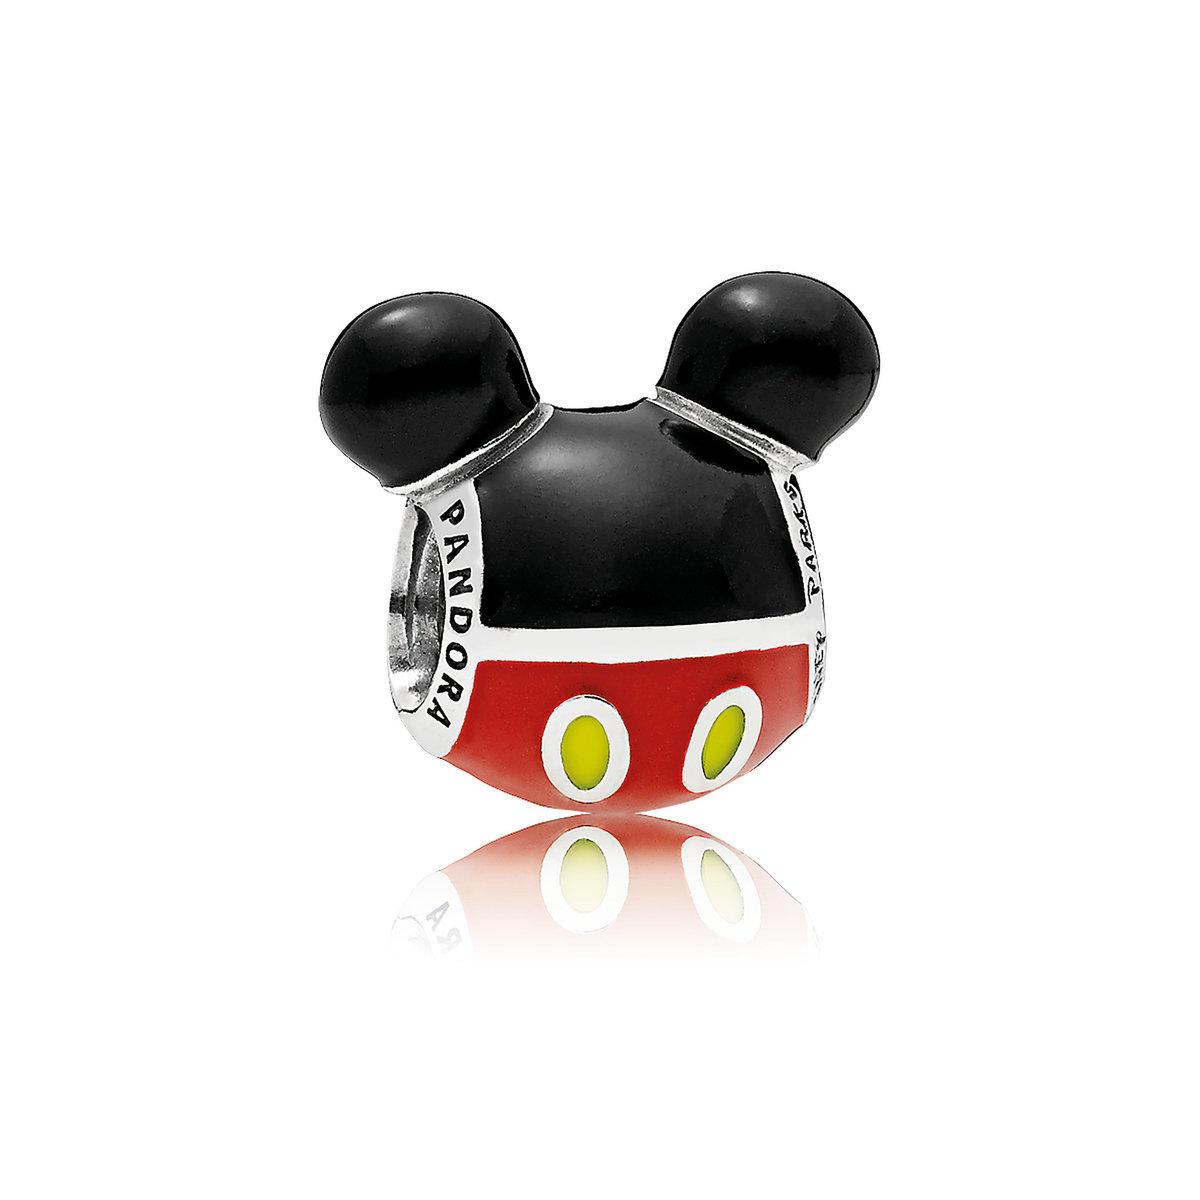 Disney Pandora Charm Mickey Mouse Silhouette Icon